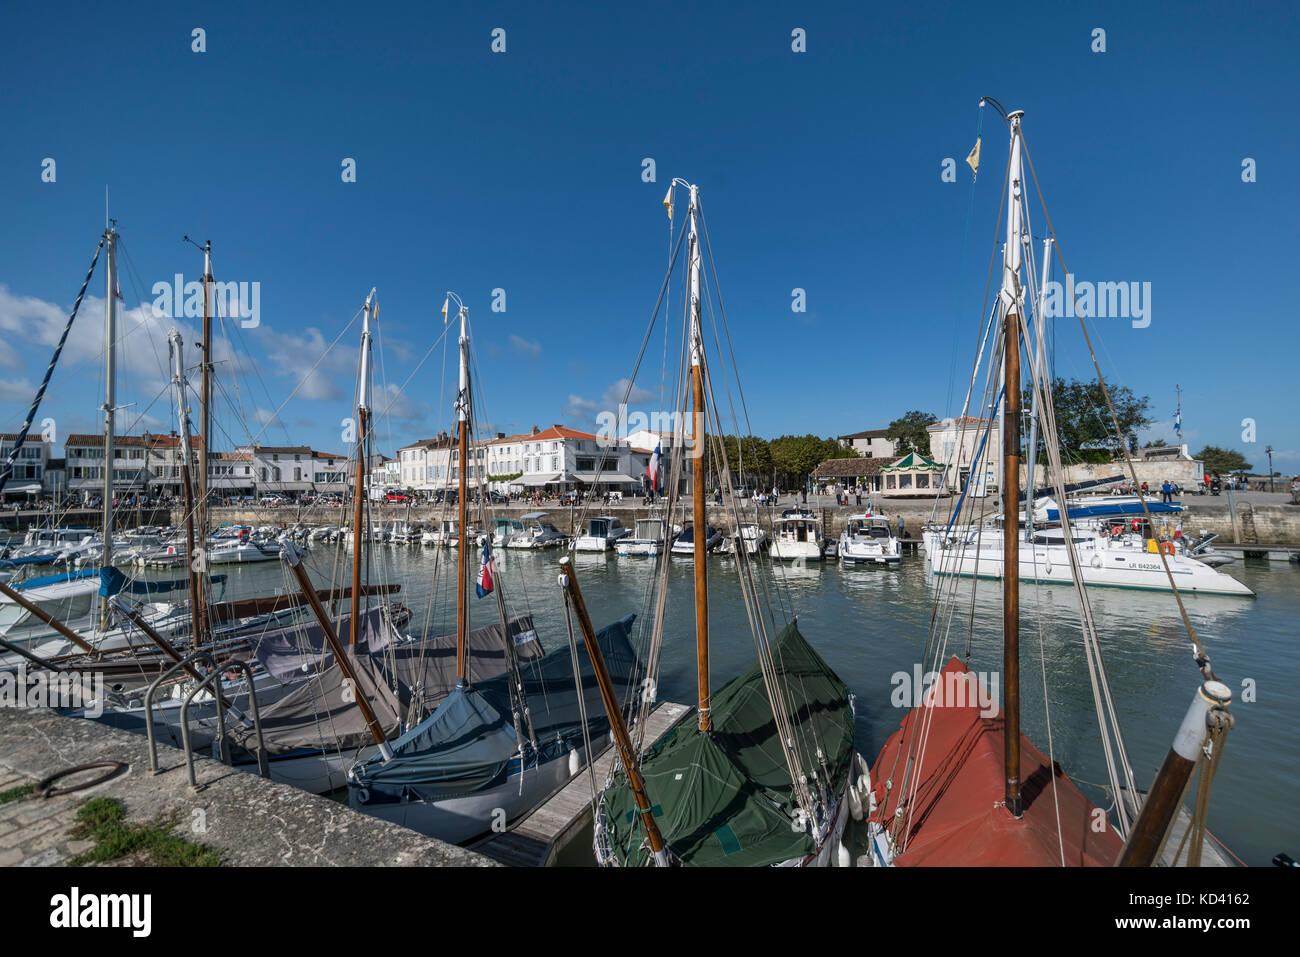 Hafen von La Flotte, Ile de Re, Nouvelle-Aquitaine, Französisch westcoast, Frankreich, | Hafen von La Flotte, Stockbild